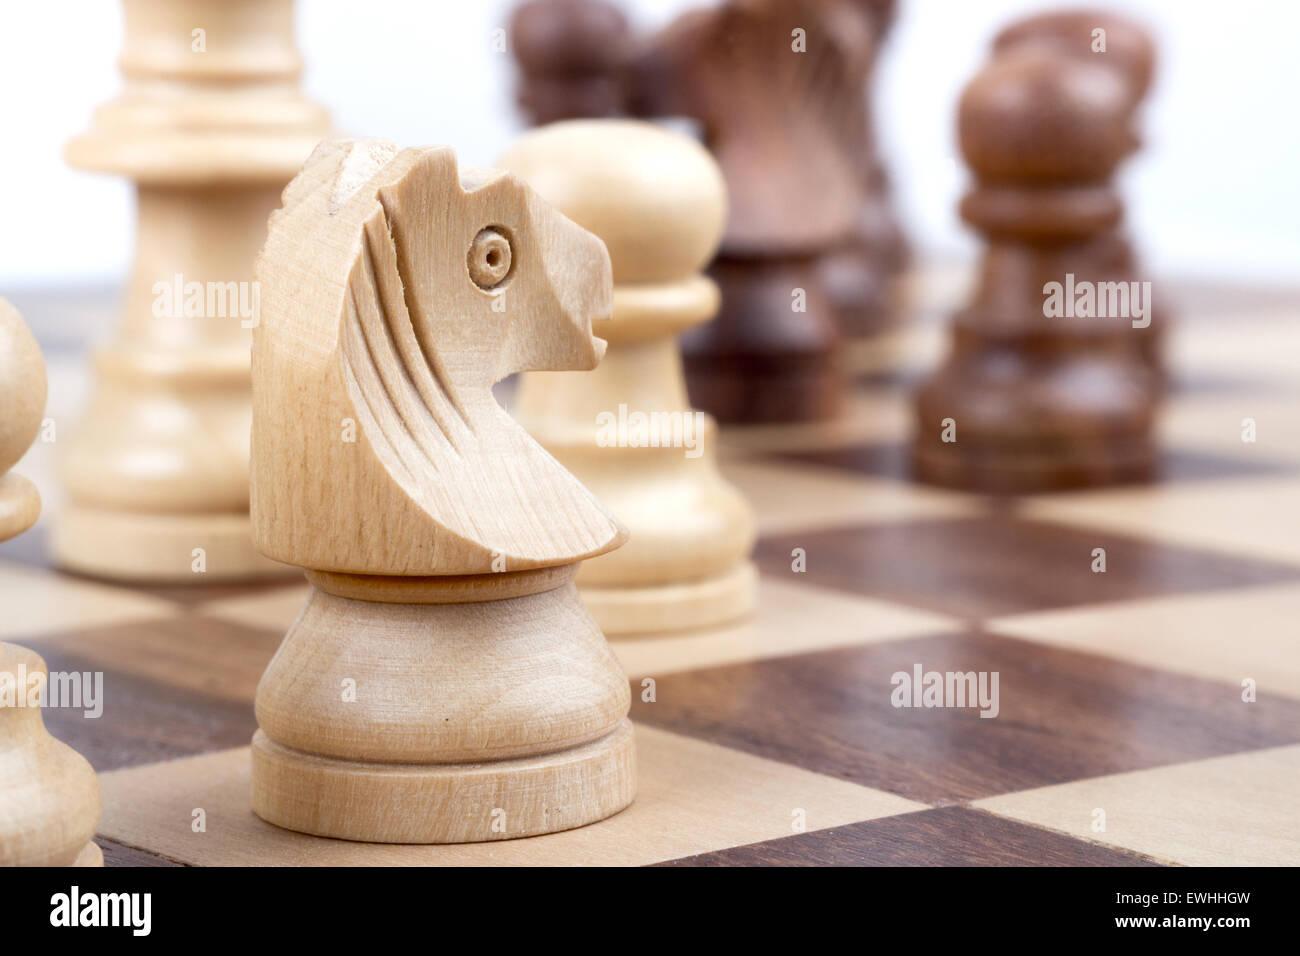 Pezzi di scacchi nel corso di una scacchiera. Immagini Stock